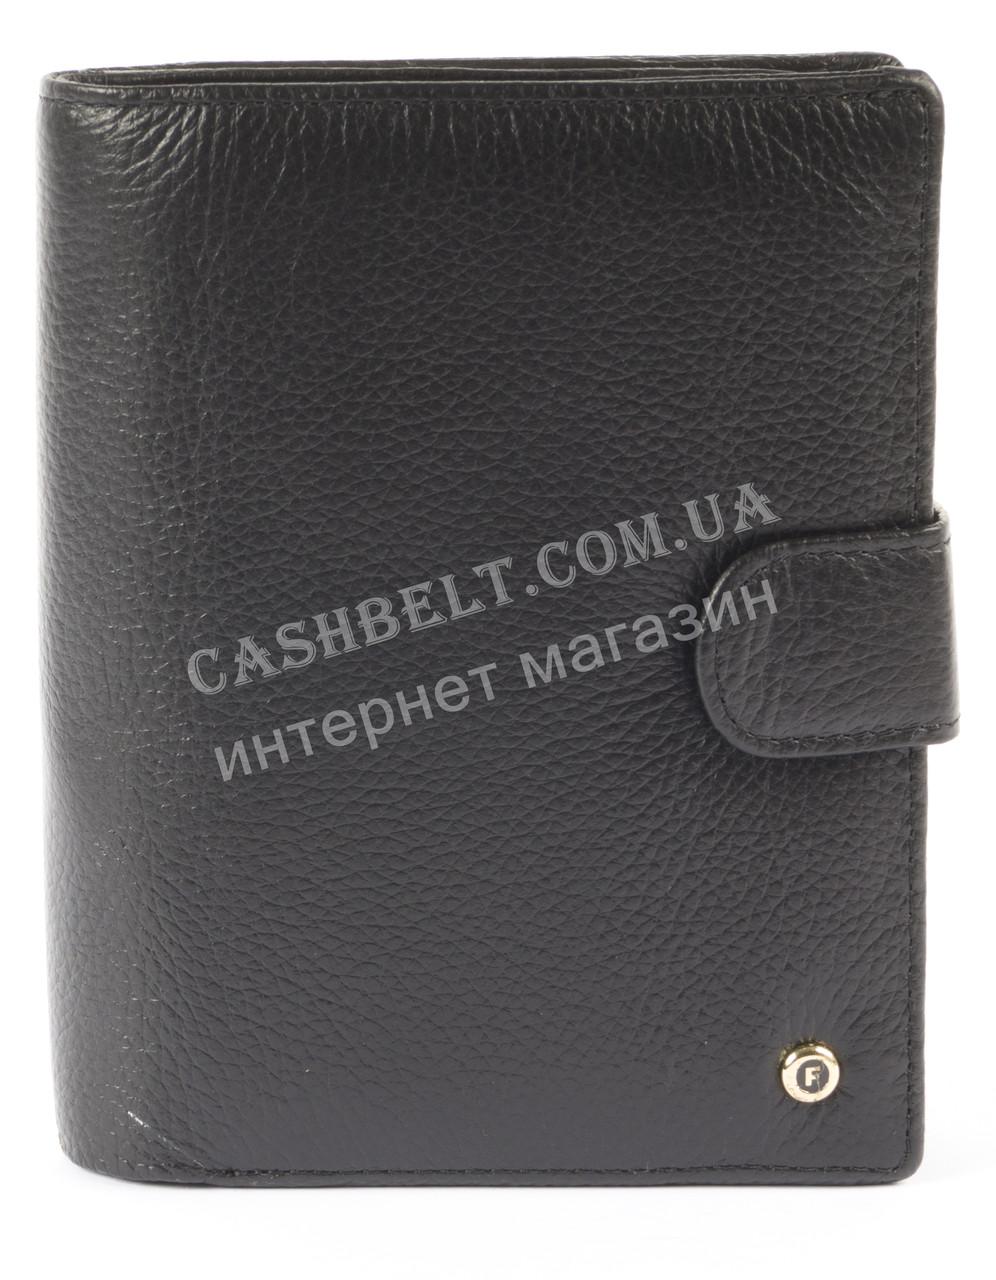 Мужской стильный классический бумажник портмоне с натуральной качественной кожи  SALFEITE art. 2130 черн